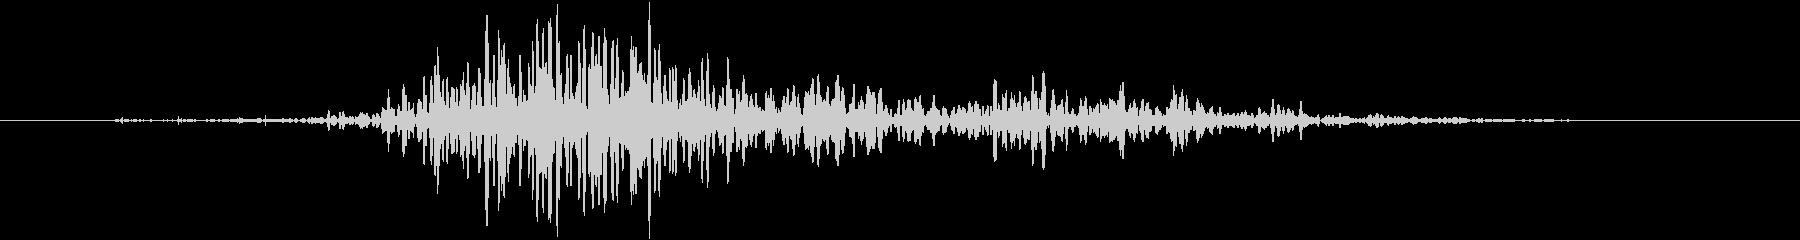 シングルフレームバーストの未再生の波形